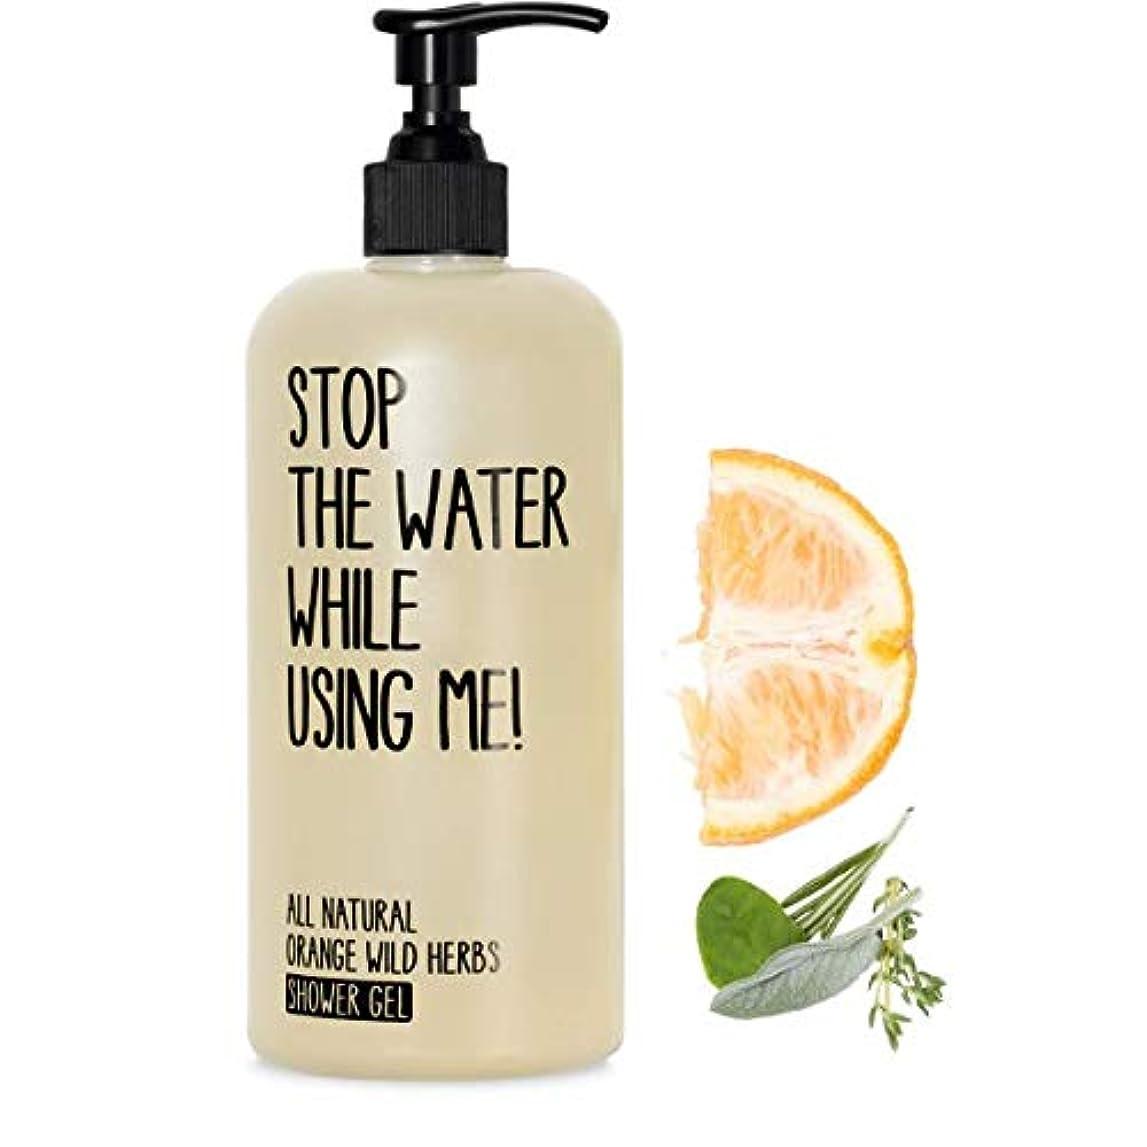 愛されし者招待主婦【STOP THE WATER WHILE USING ME!】 O&WHシャワージェル(オレンジ&ワイルドハーブ) 200ml